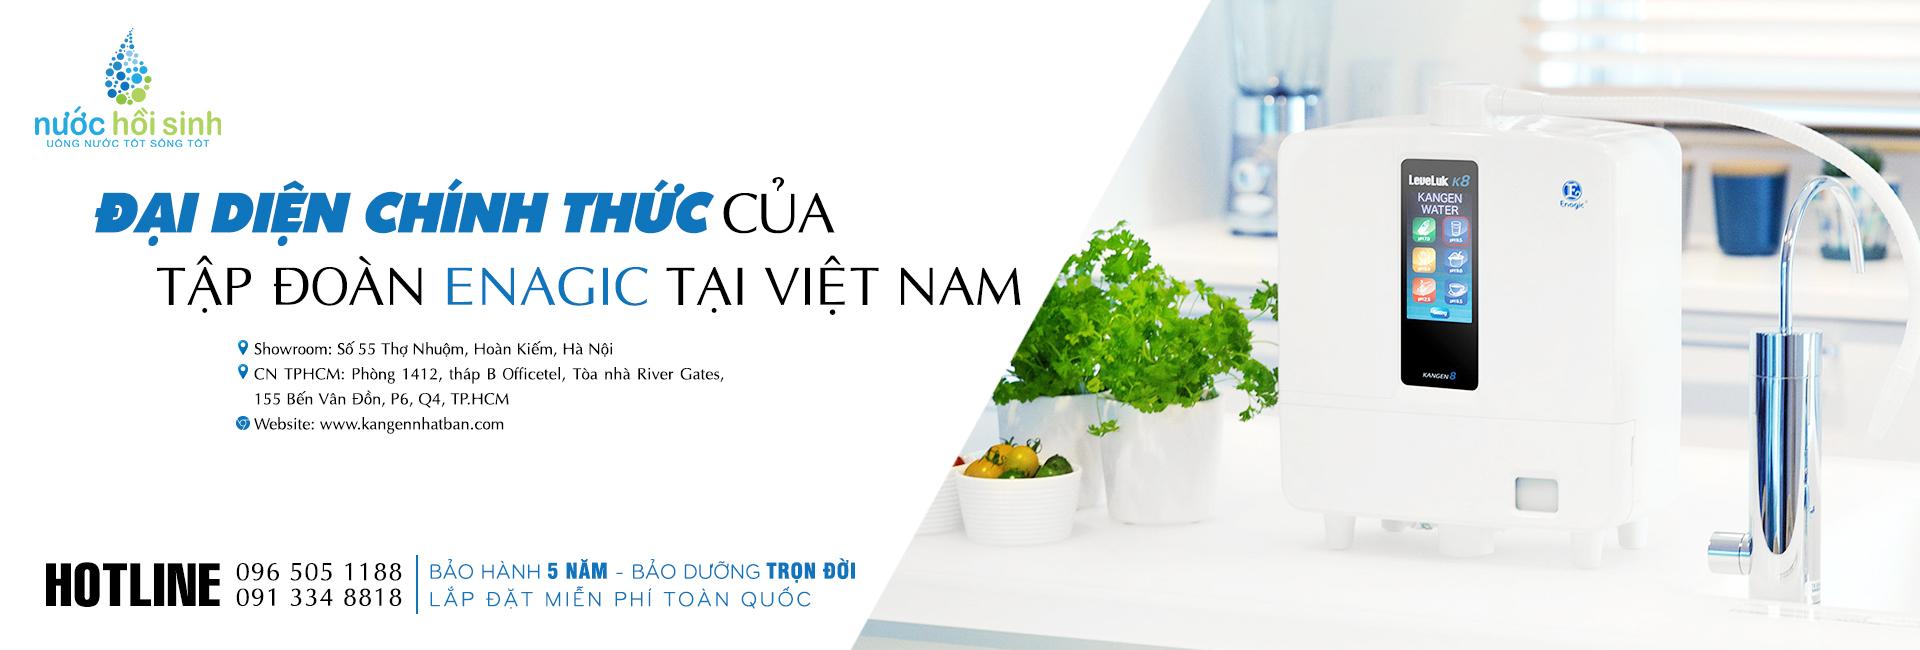 nước điện giải Kangen, Có nên mua máy lọc nước điện giải Kangen?, Nhà phân phối máy lọc nước ion kiềm số 1 Việt Nam | Vitamia